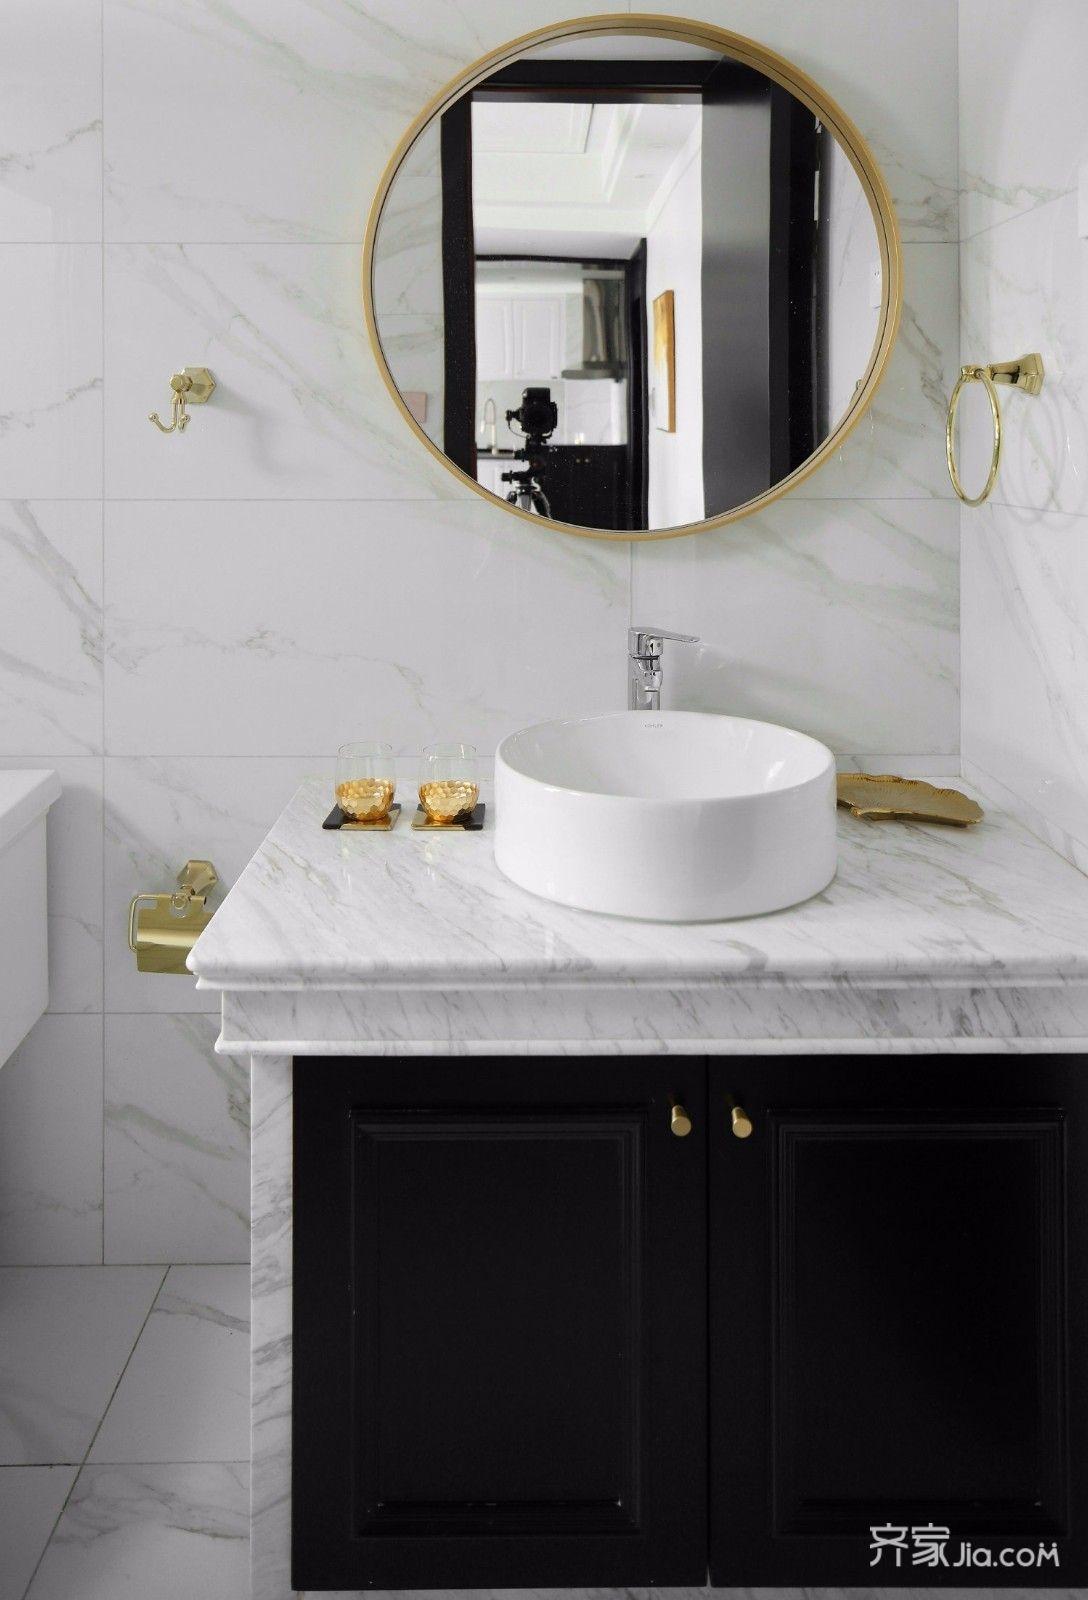 黑白现代轻奢风装修洗手台设计图